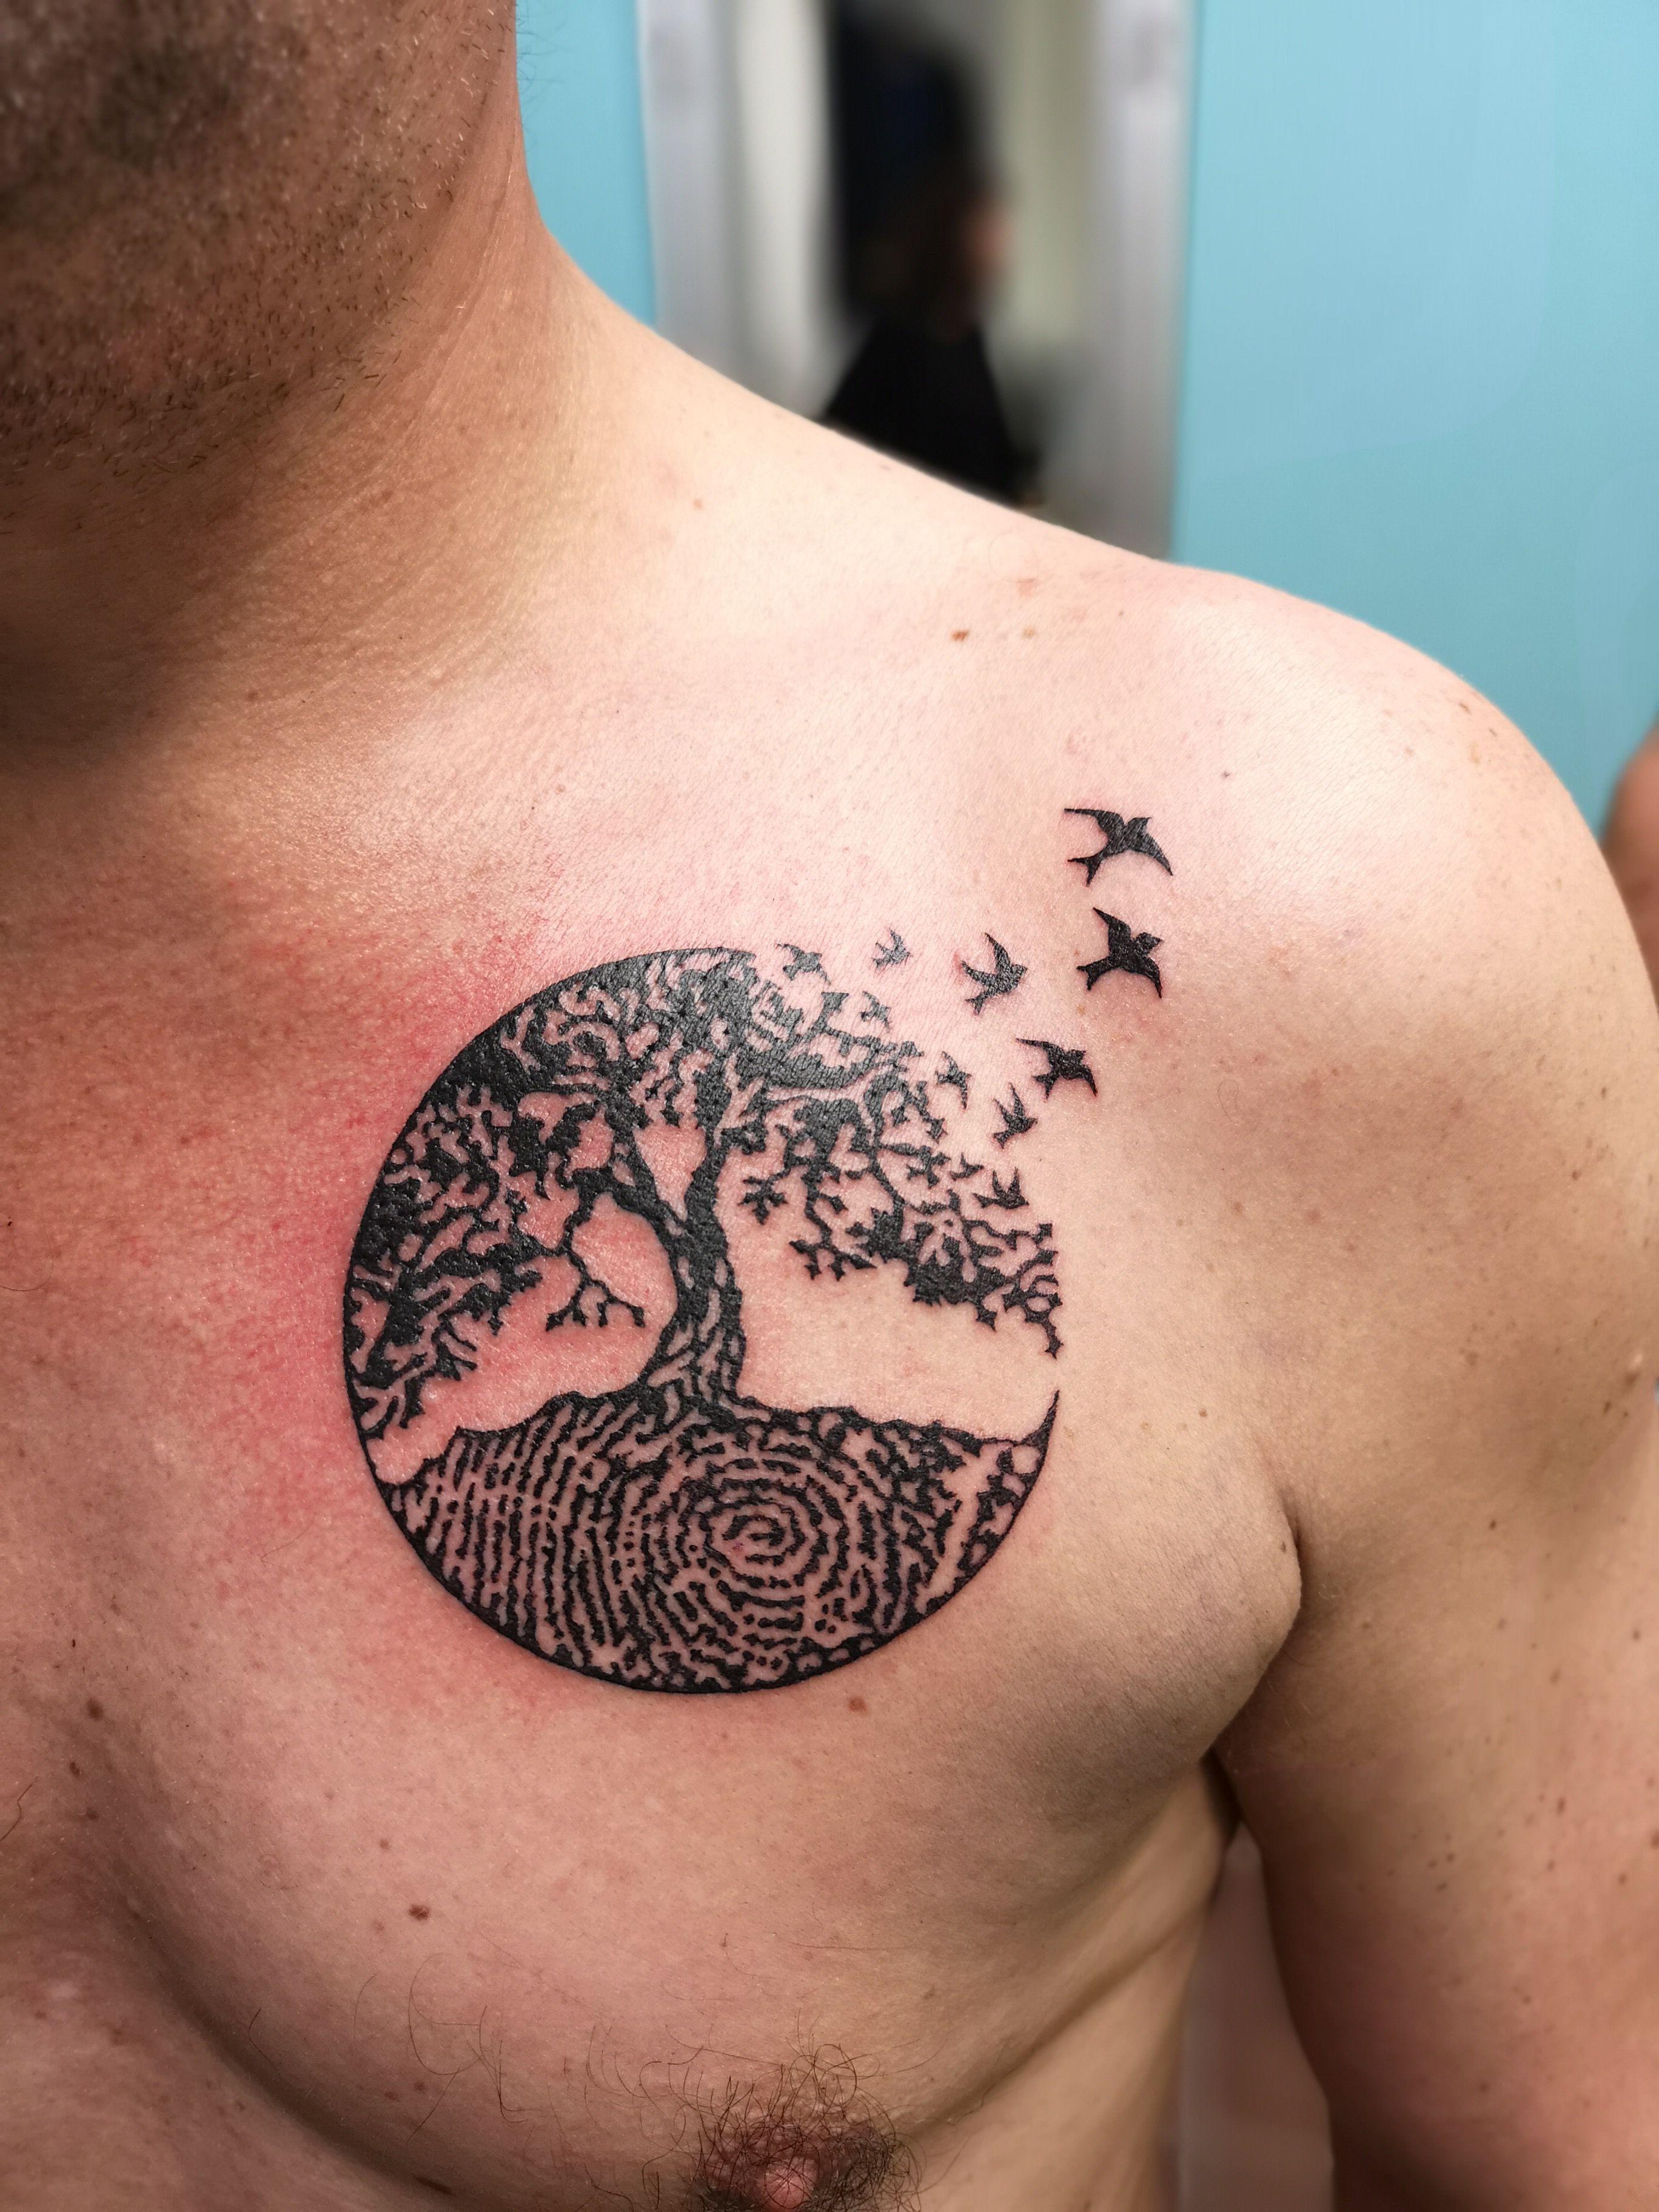 Tattoo Artist Marlise Meulendijks At Luckycattattoo